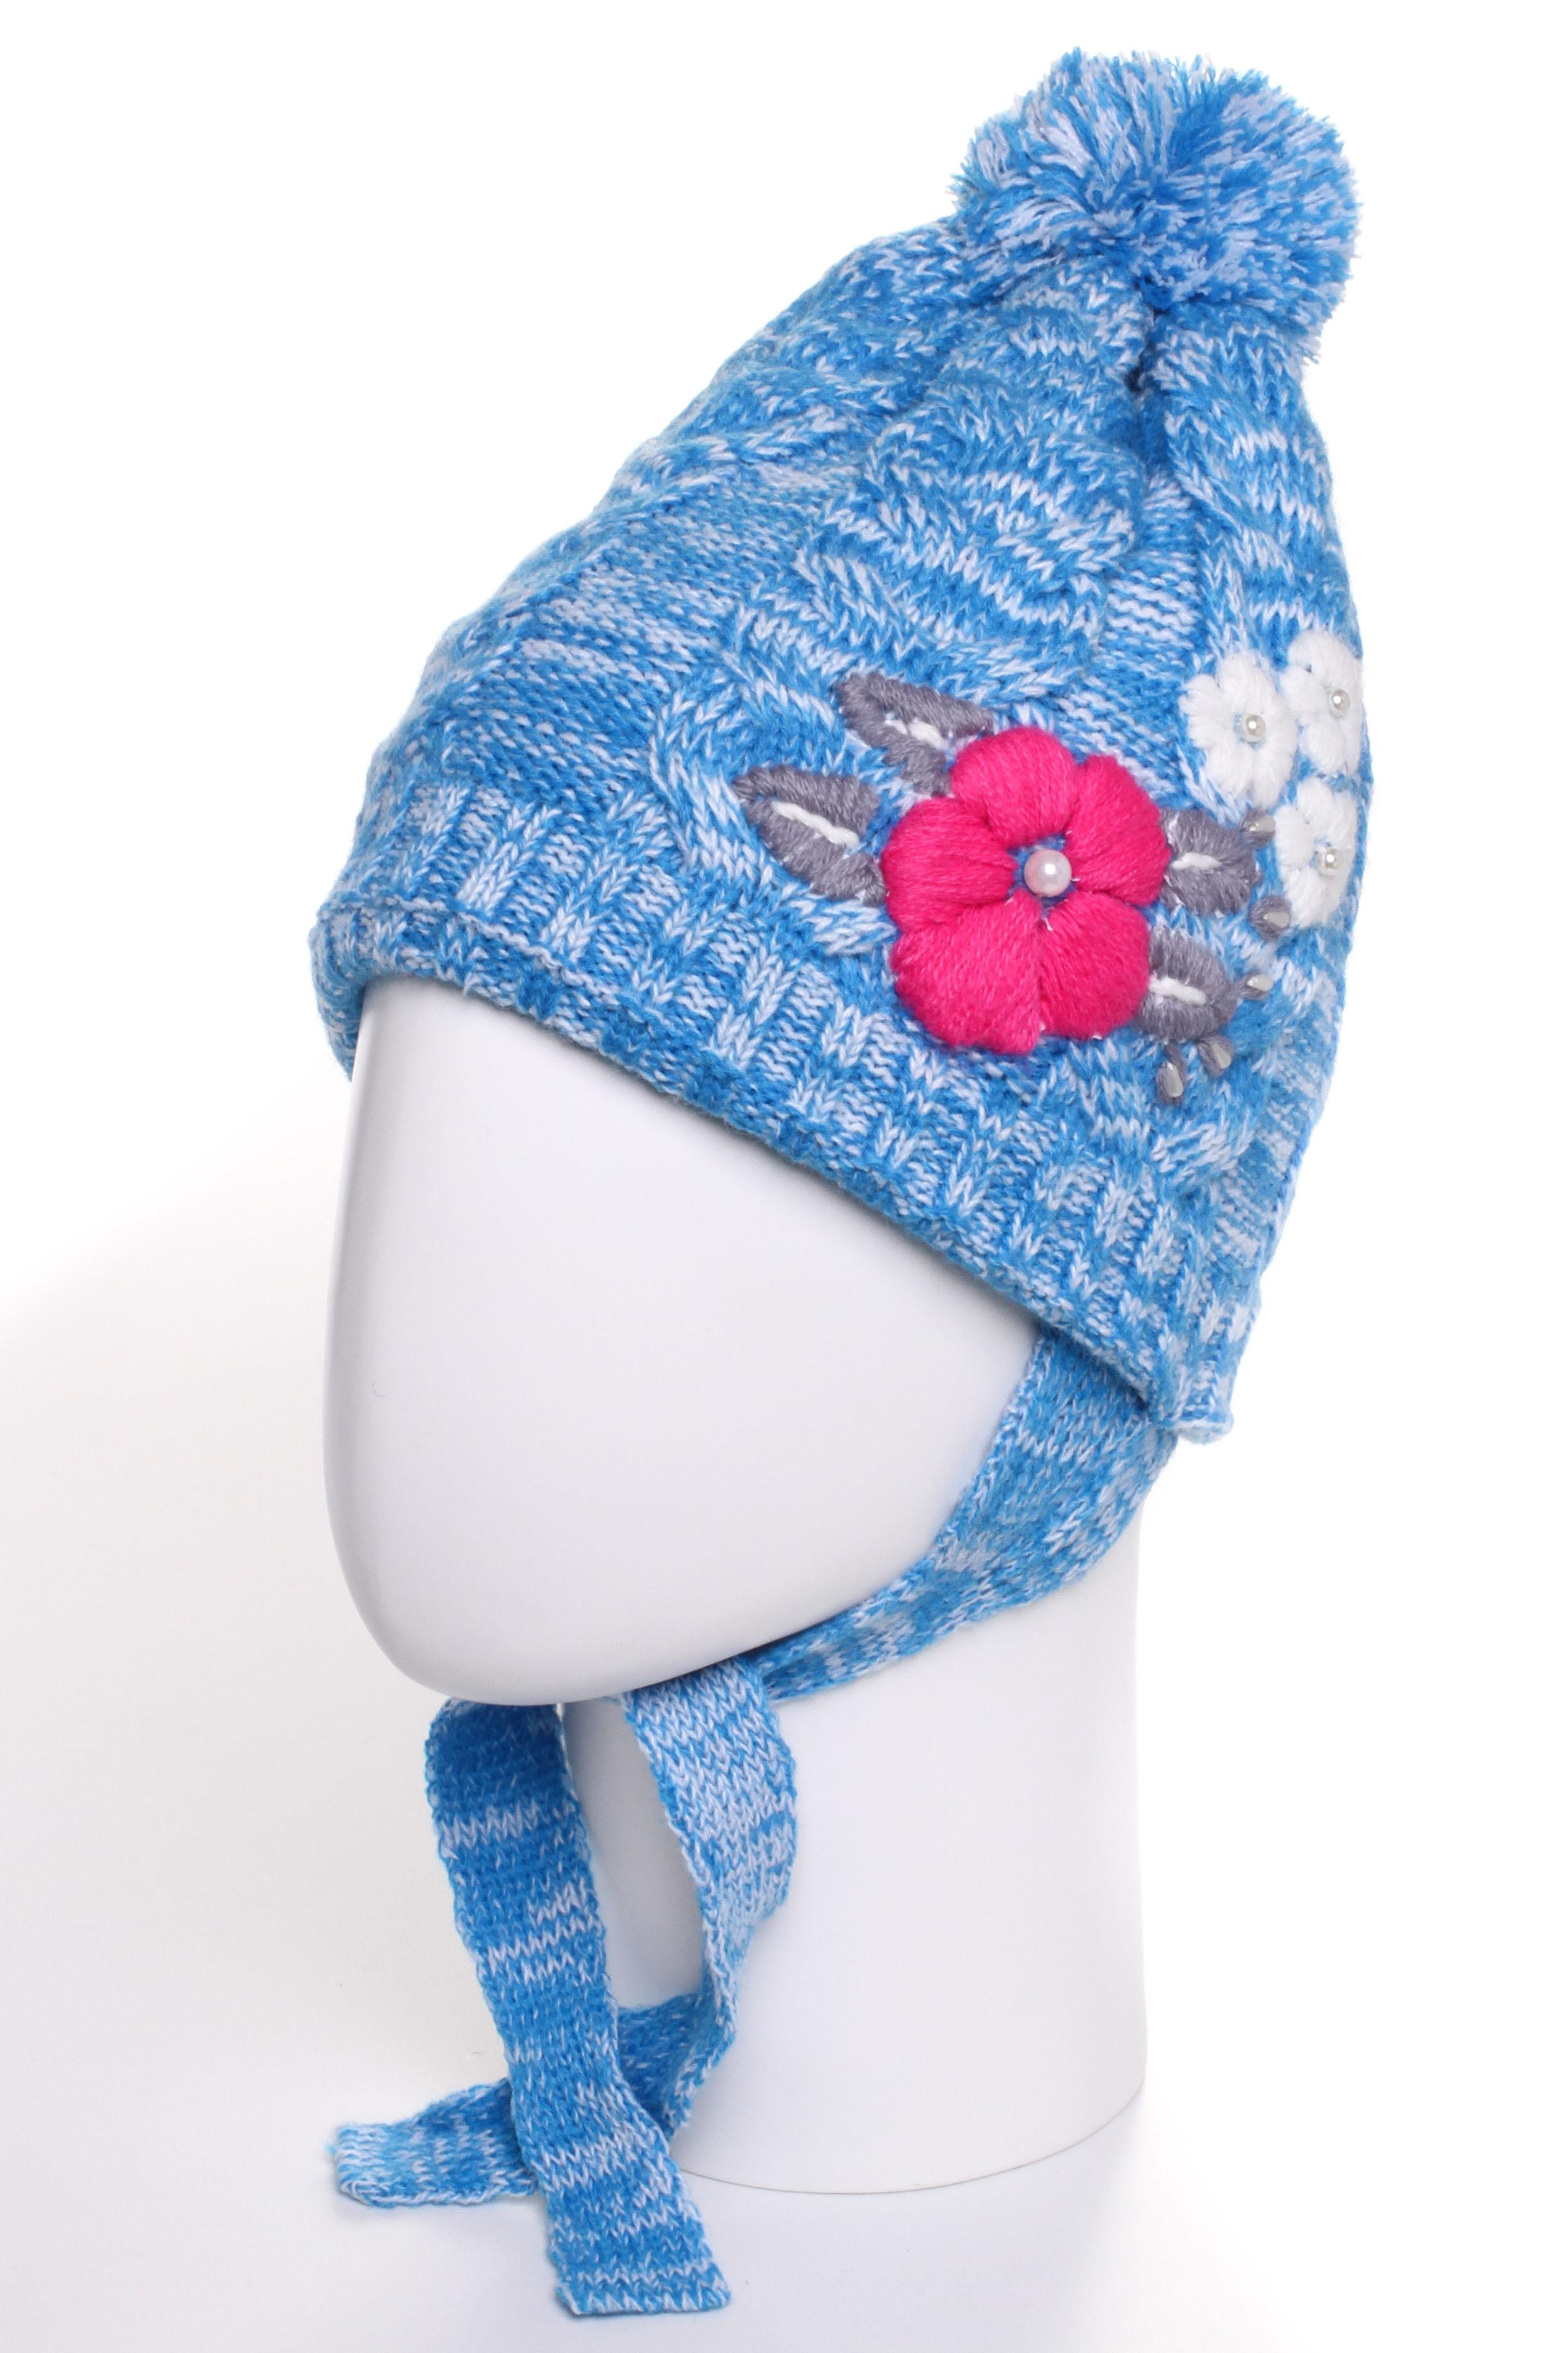 ШапкаГоловные уборы<br>Шапка для девочки защитит Вашего ребенка от непогоды и поднимет настроение.  Размер равен обхвату головы в сантиметрах.  Цвет: голубой и др.<br><br>По сезону: Осень,Весна<br>Размер : 50-54<br>Материал: Вязаное полотно<br>Количество в наличии: 1